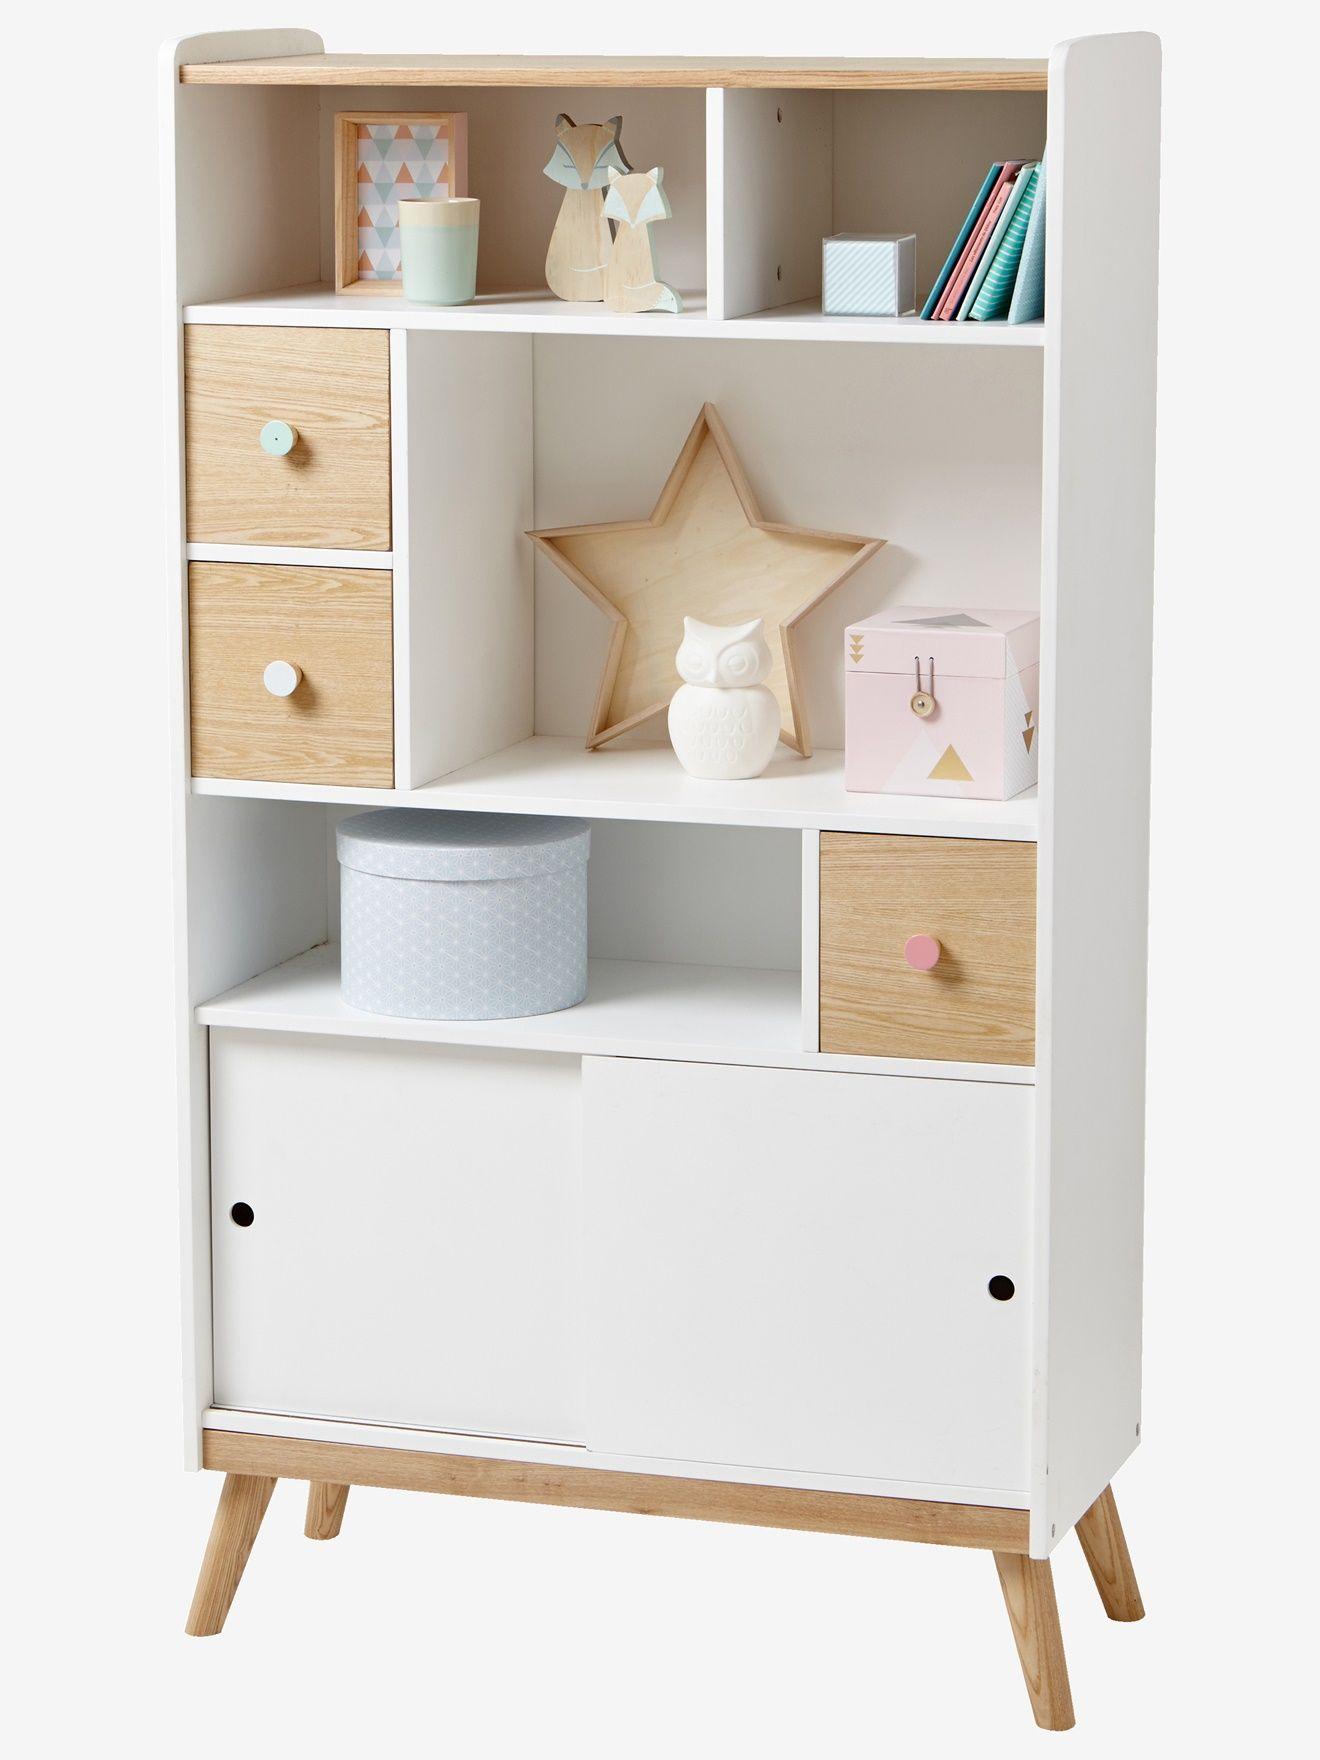 Puppenhaus Miniatur Möbel Weiß Modern Würfel quadratisch